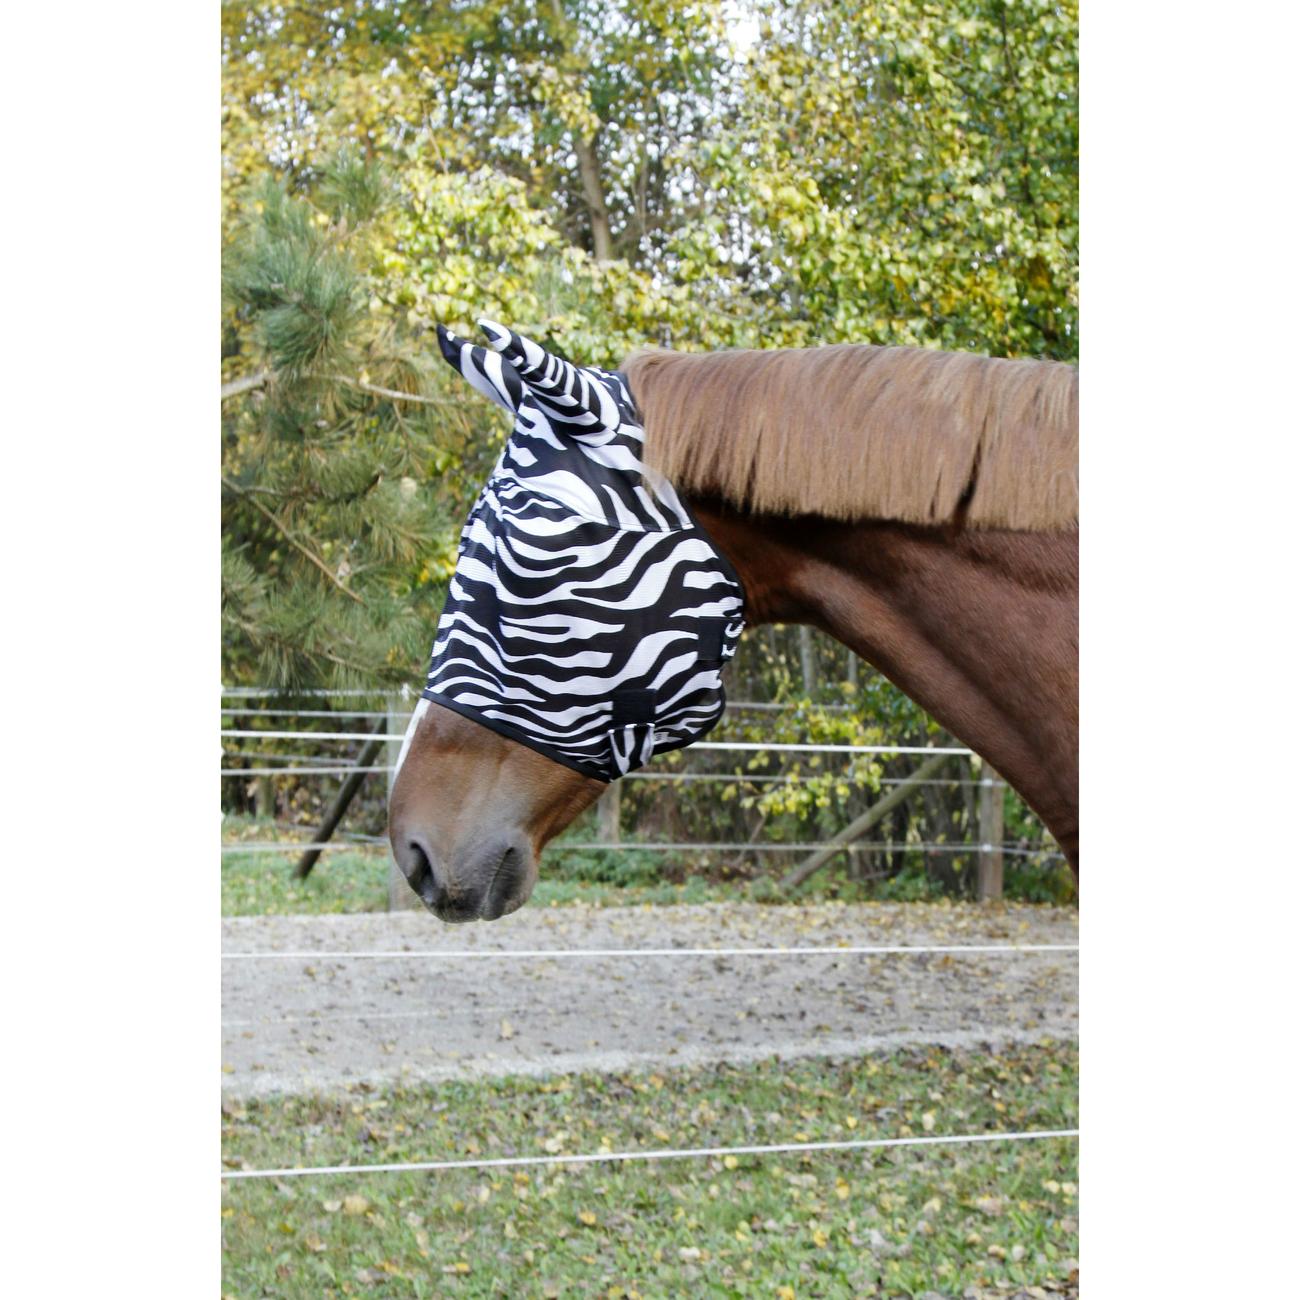 Covalliero Fliegenschutzmaske Zebra, Bild 2